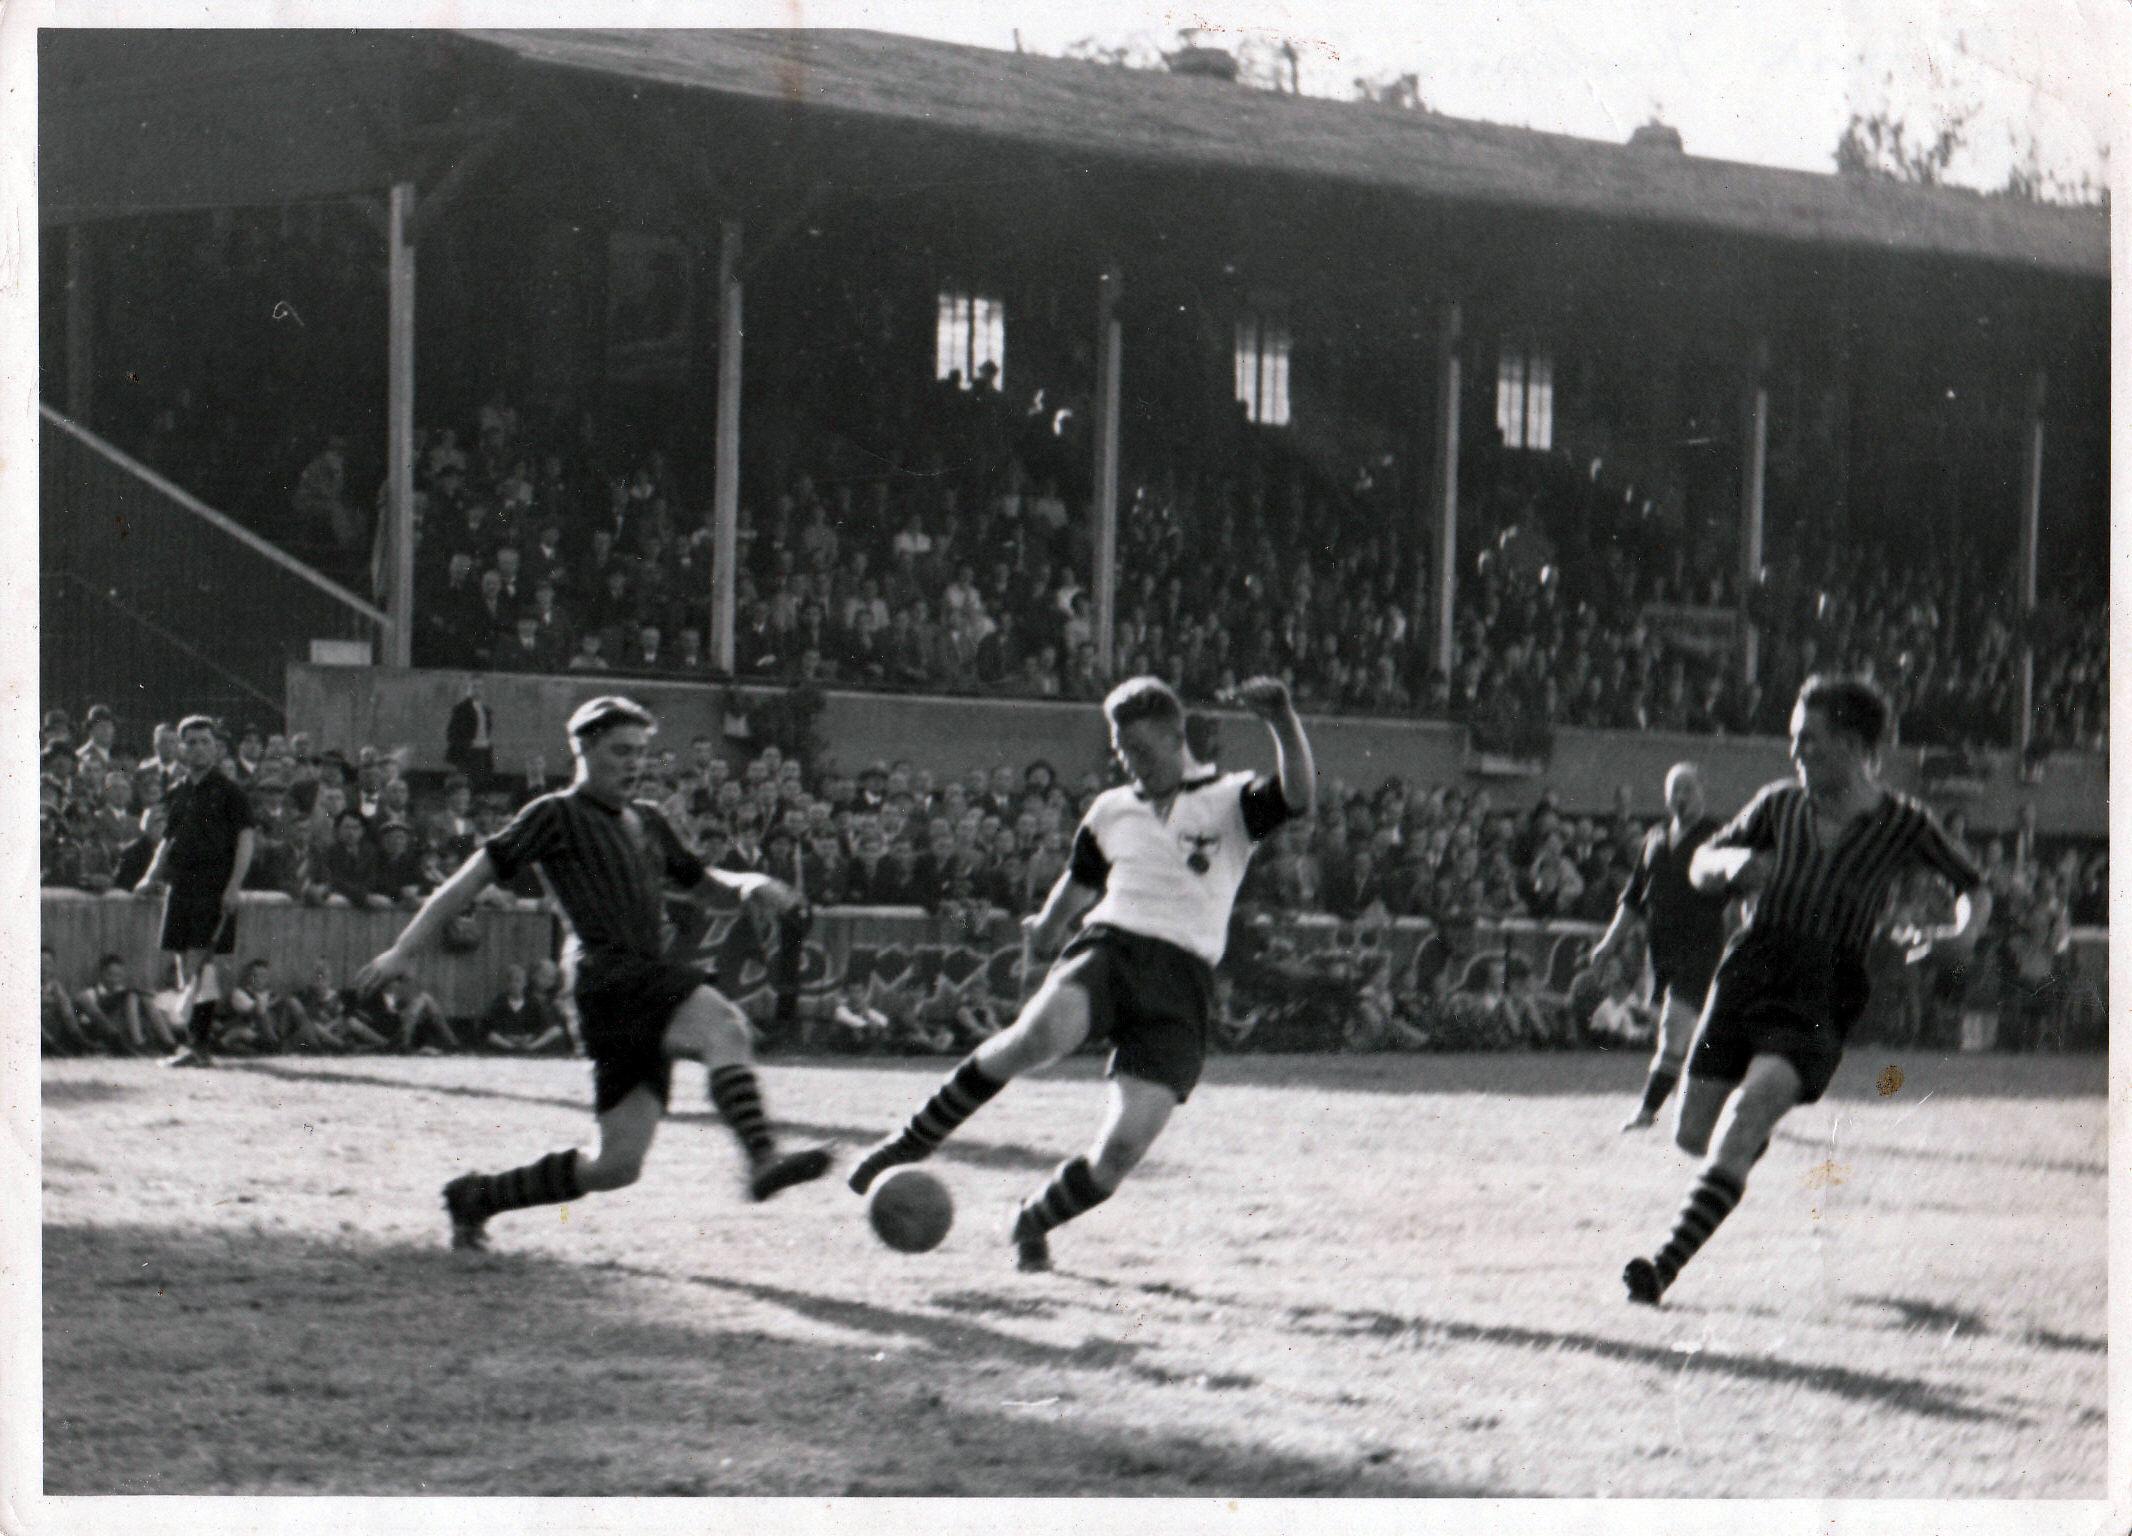 Johann Herberger FC Phönix Karlsruhe